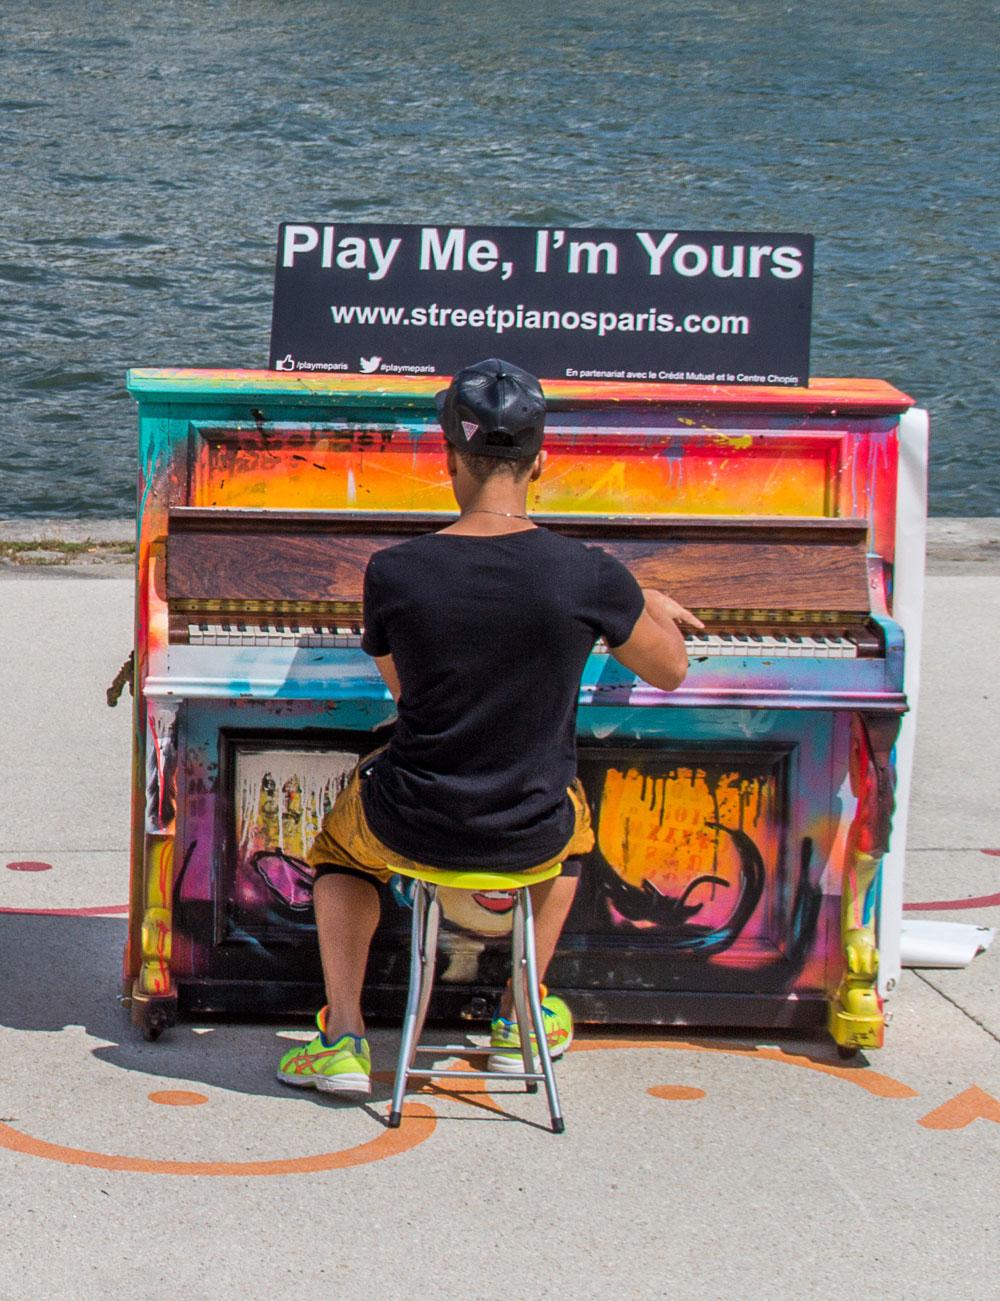 play me i'm yours piano ville rue urbain manifestation concerts artistes plasticiens musiciens agence community culture société territoire ingénierie culturelle